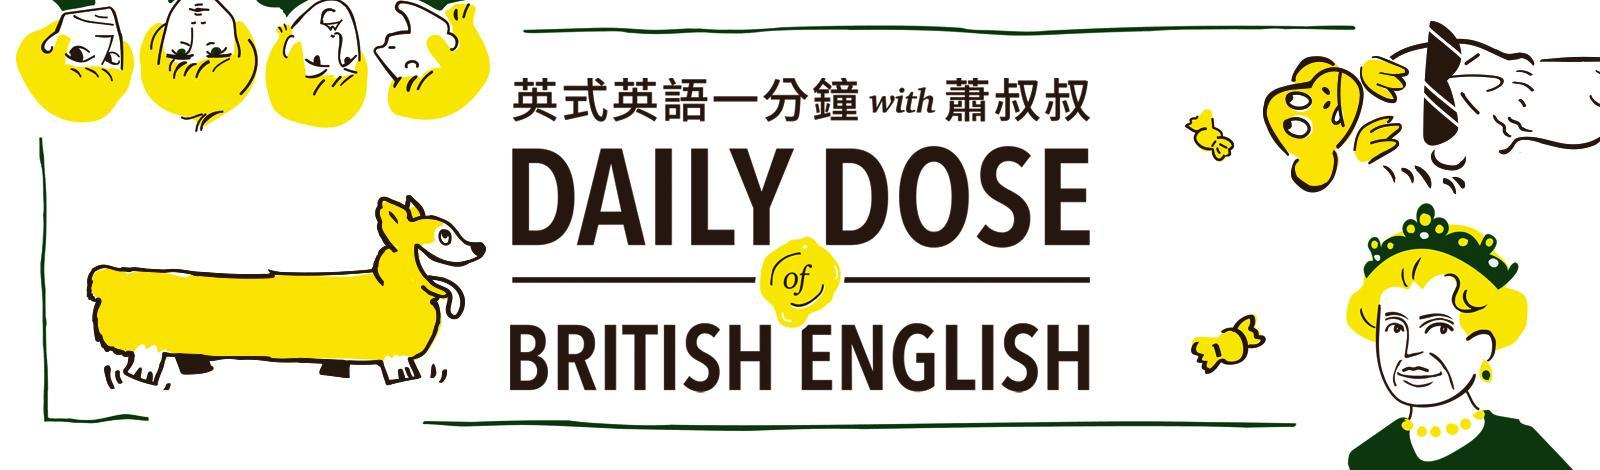 英式英语一分钟 with 萧叔叔